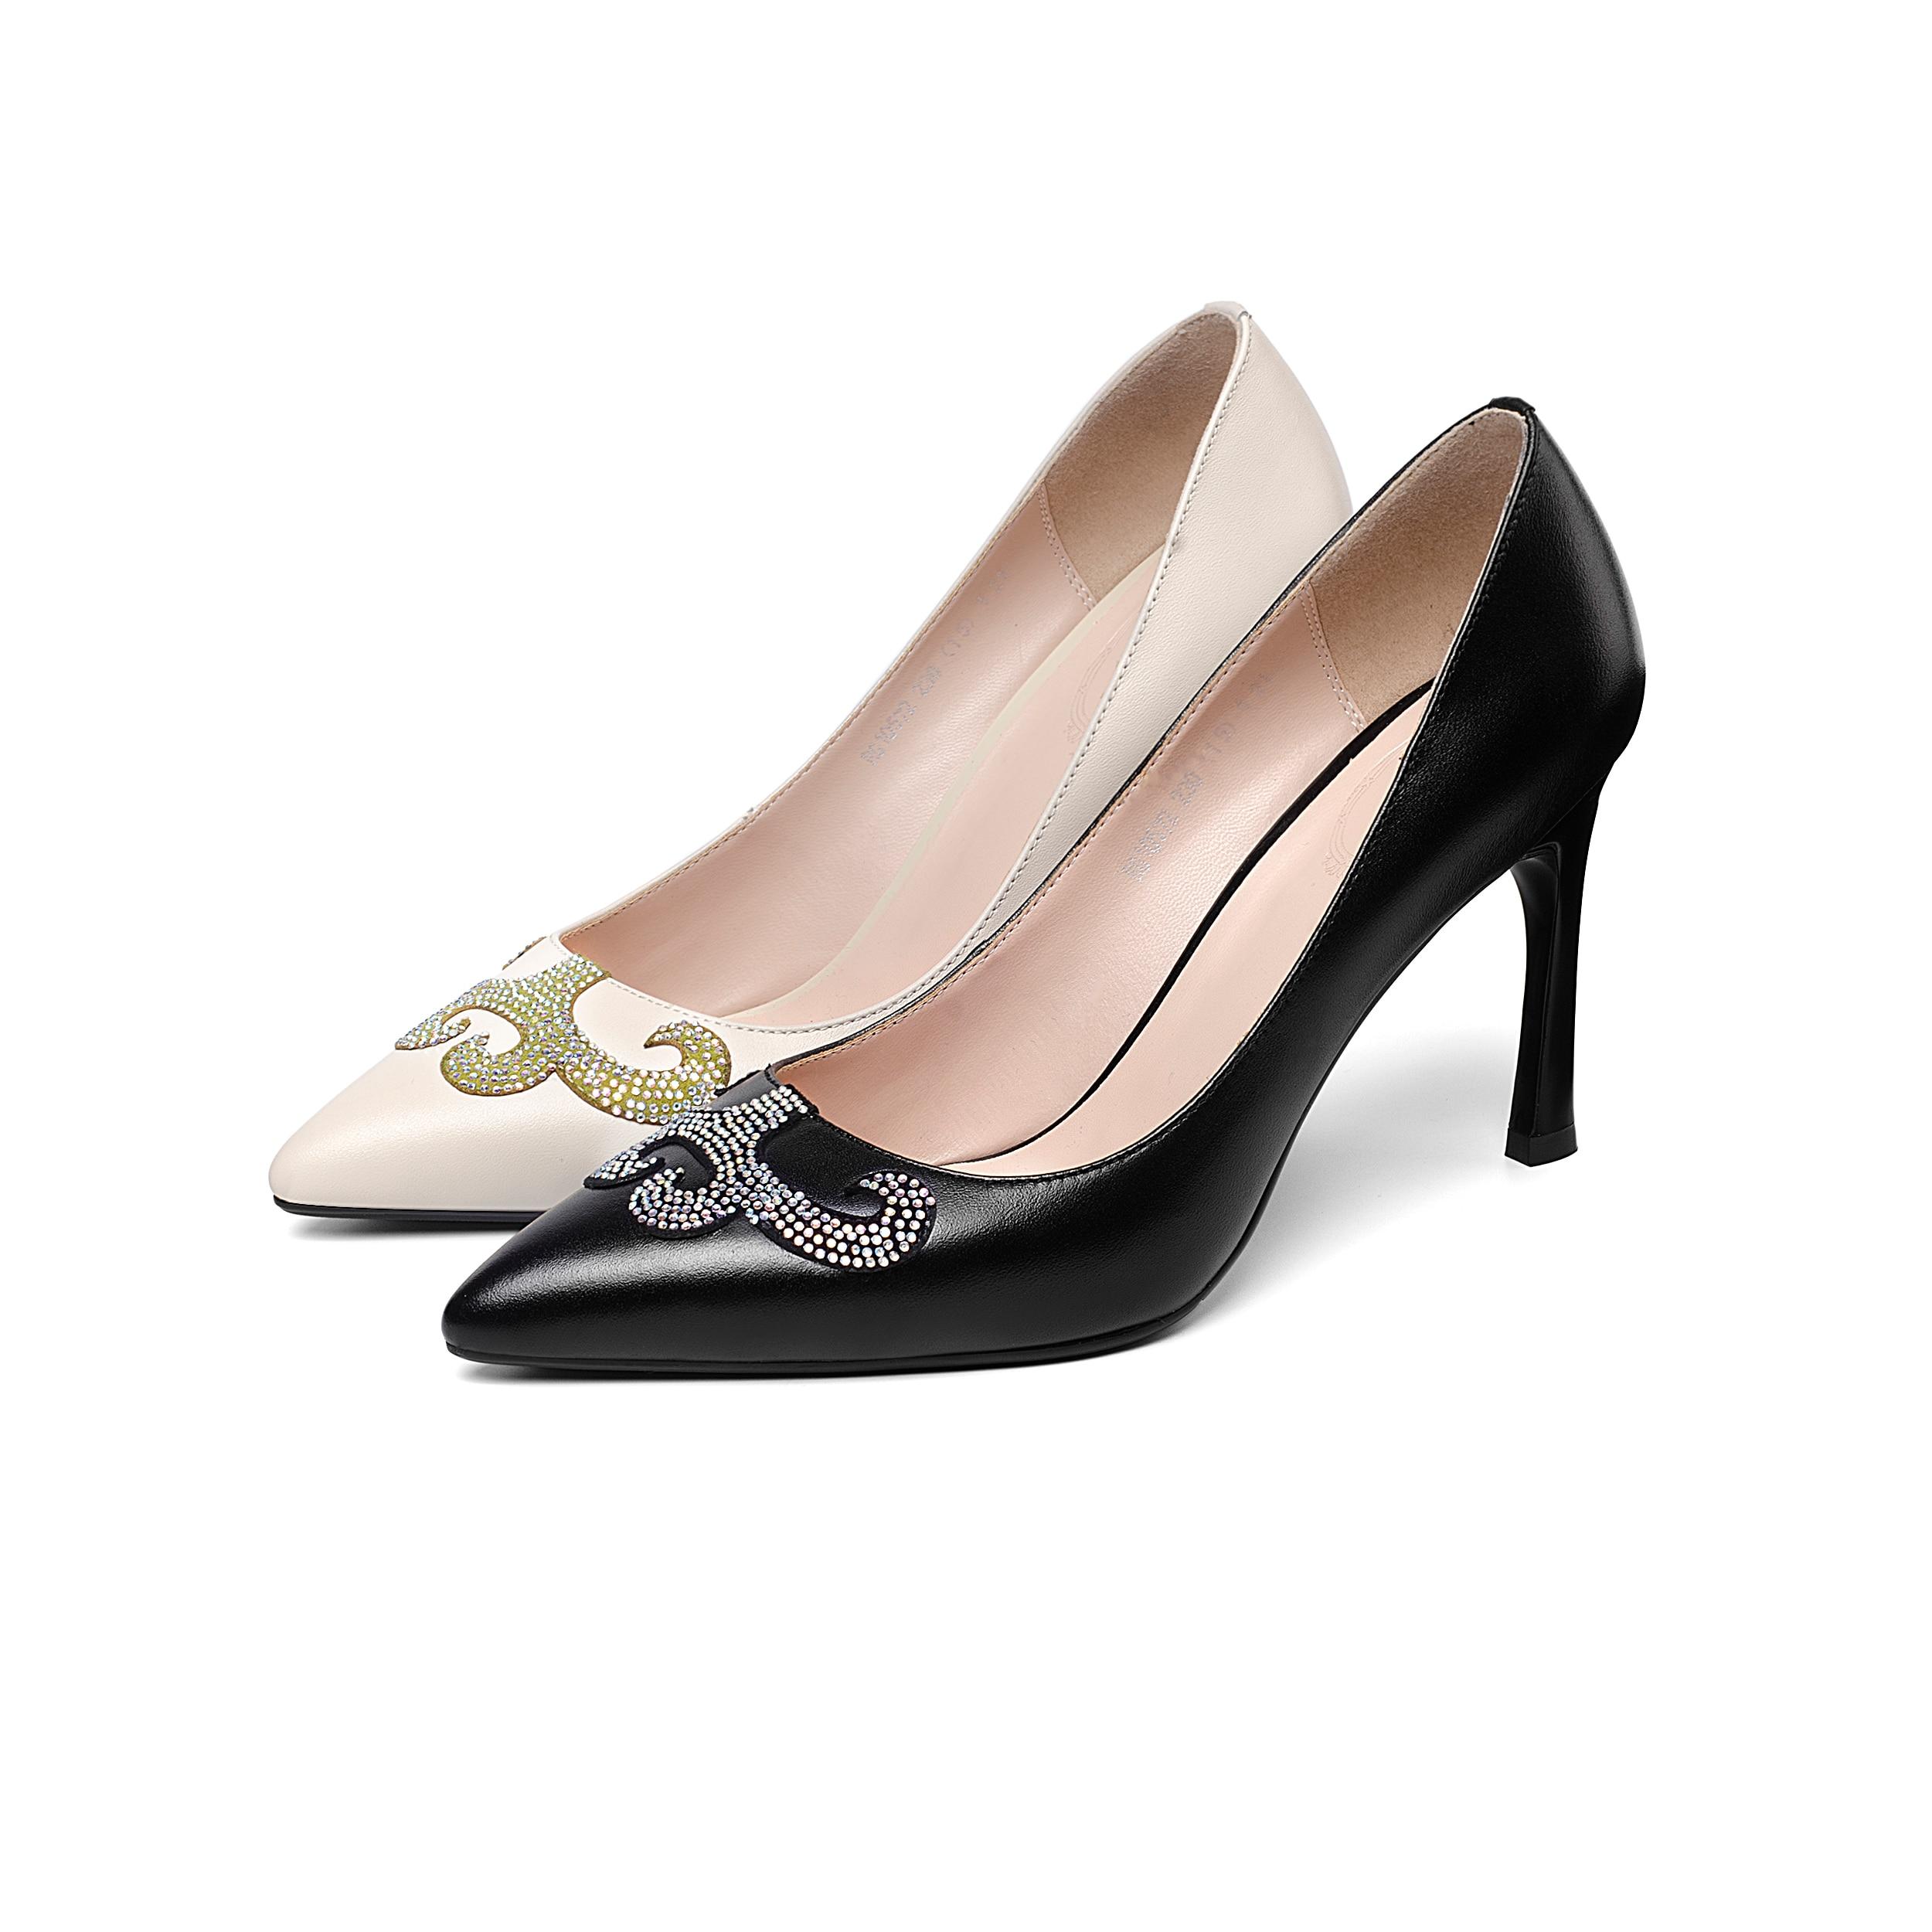 Bombas Genuino Cuero Beige 2019 Señaló Cuadrado Mujer De negro Talones Sales Moda Oficina Zapatos Punta Patchwork Mujeres Alta IFExaq8